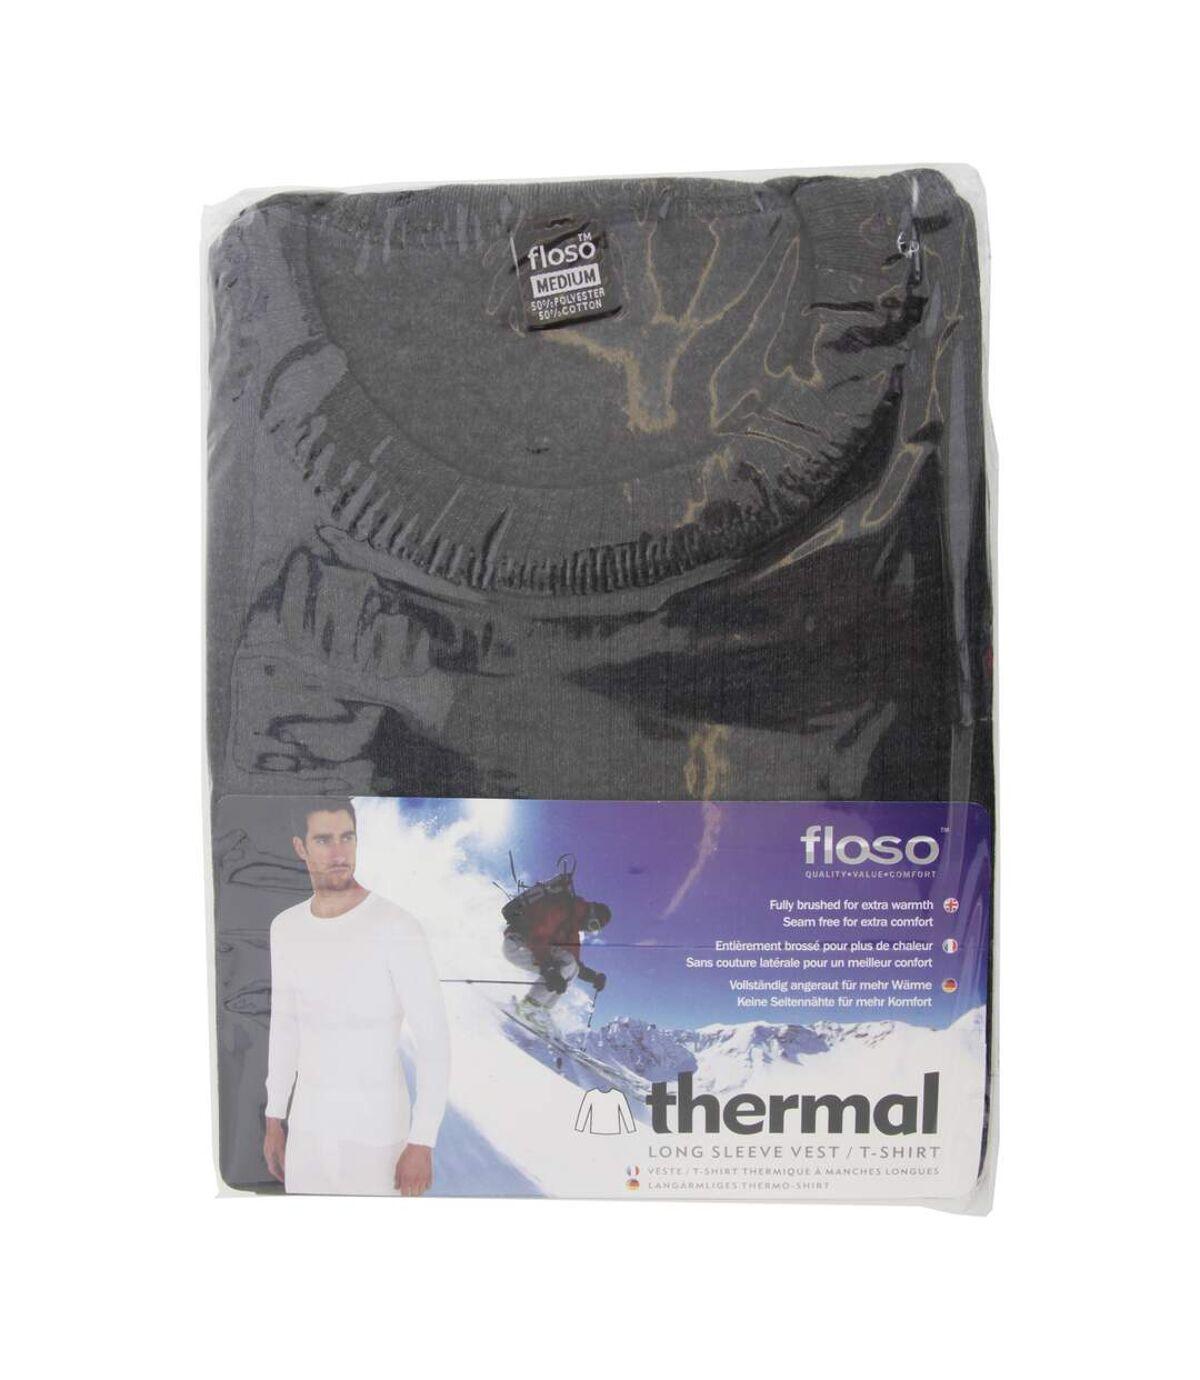 FLOSO - T-shirt thermique à manches longues - Homme (Gris foncé) - UTTHERM22